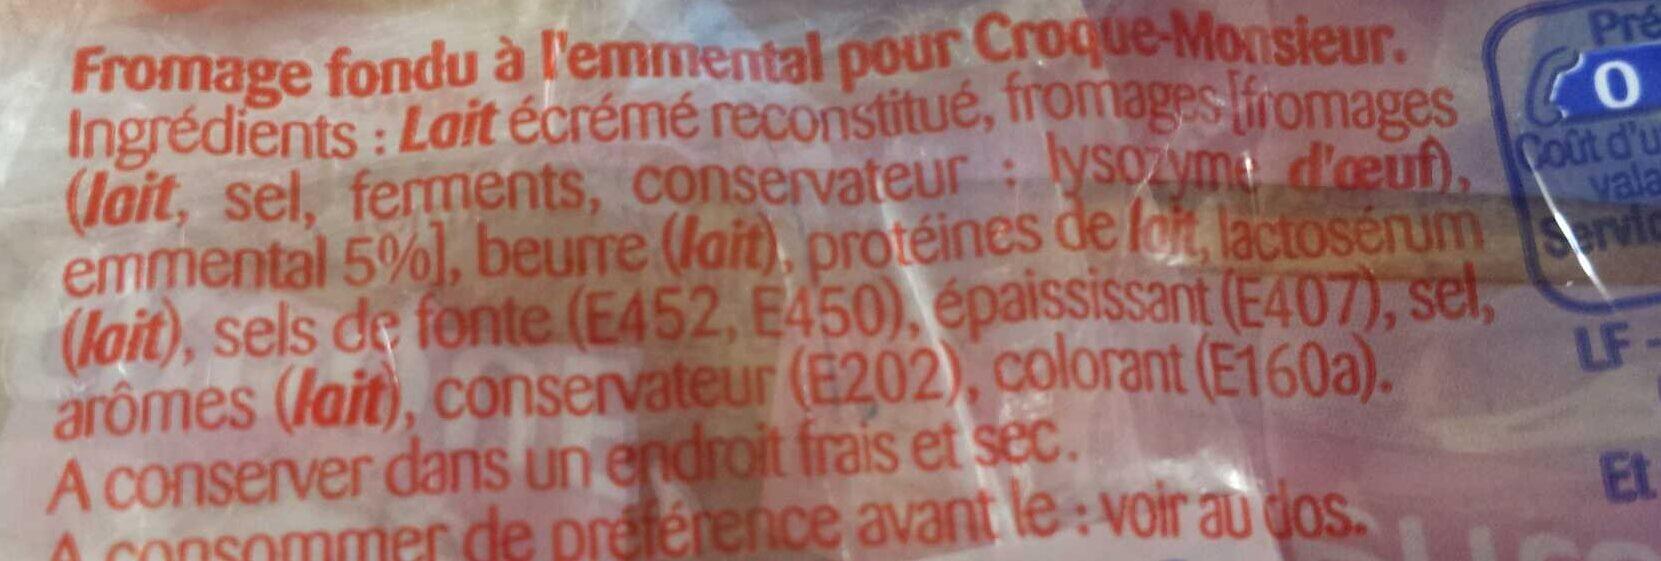 Croque' Emmental - Ingrédients - fr